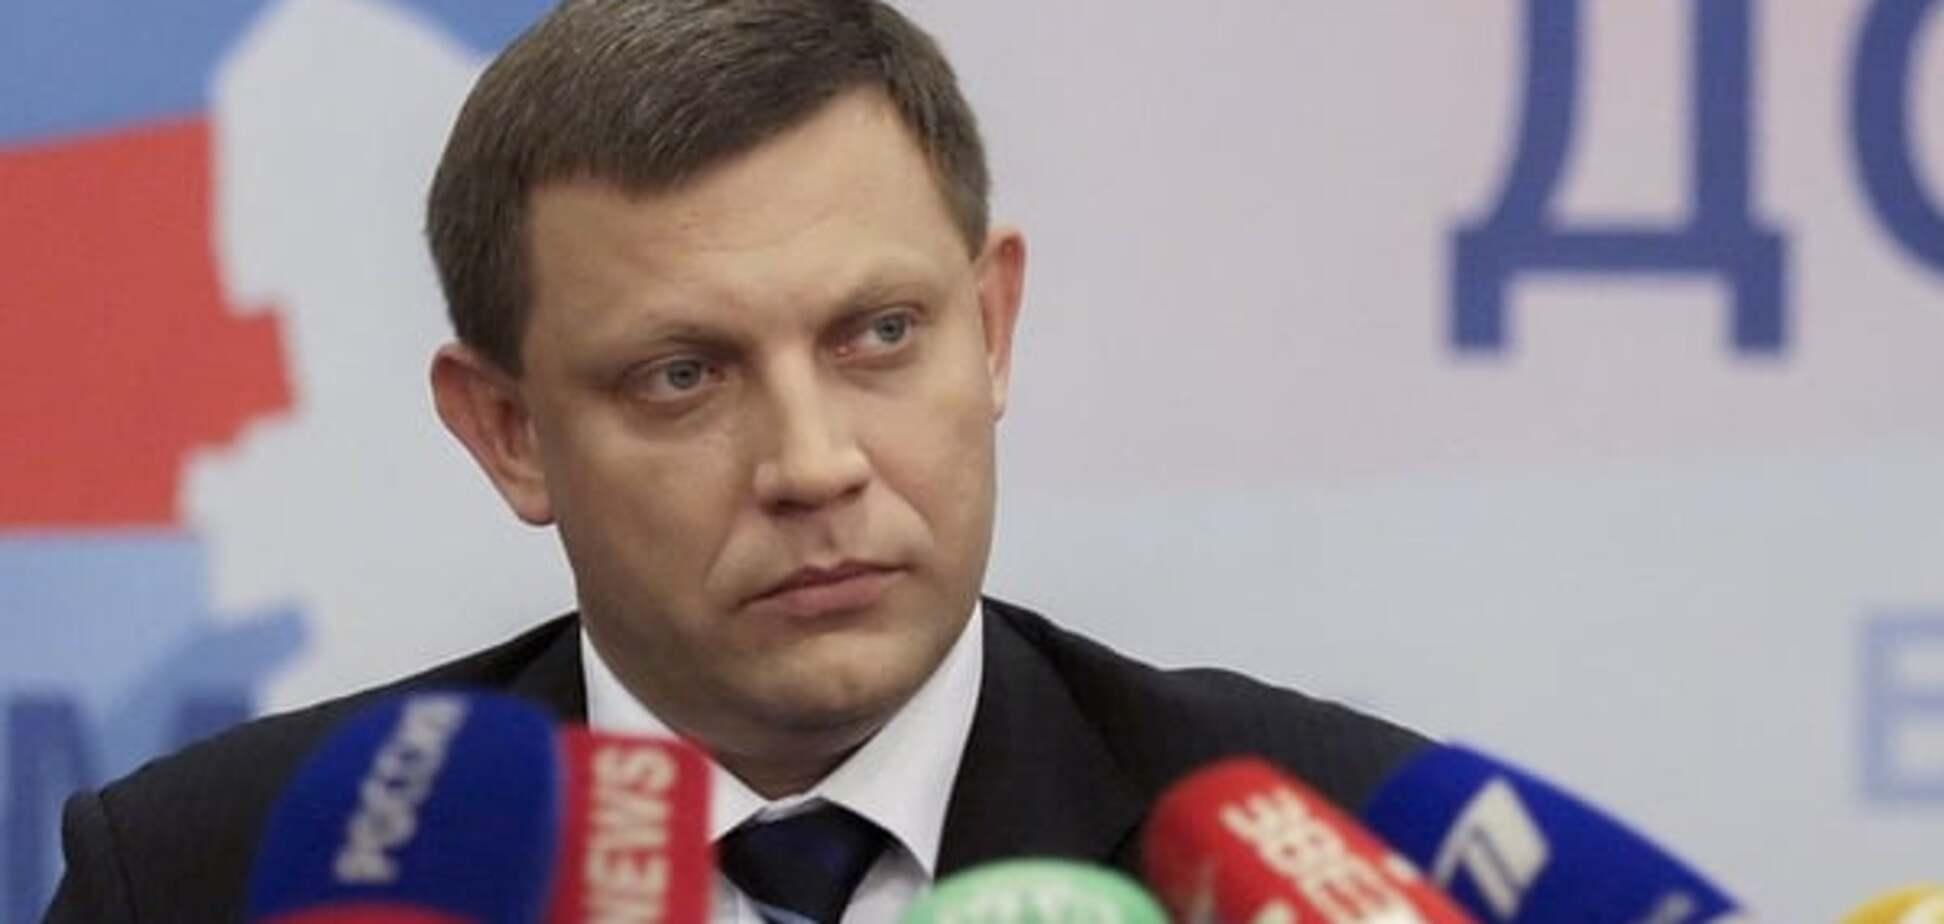 Захарченко увидел Украину 'в составе' Донбасса